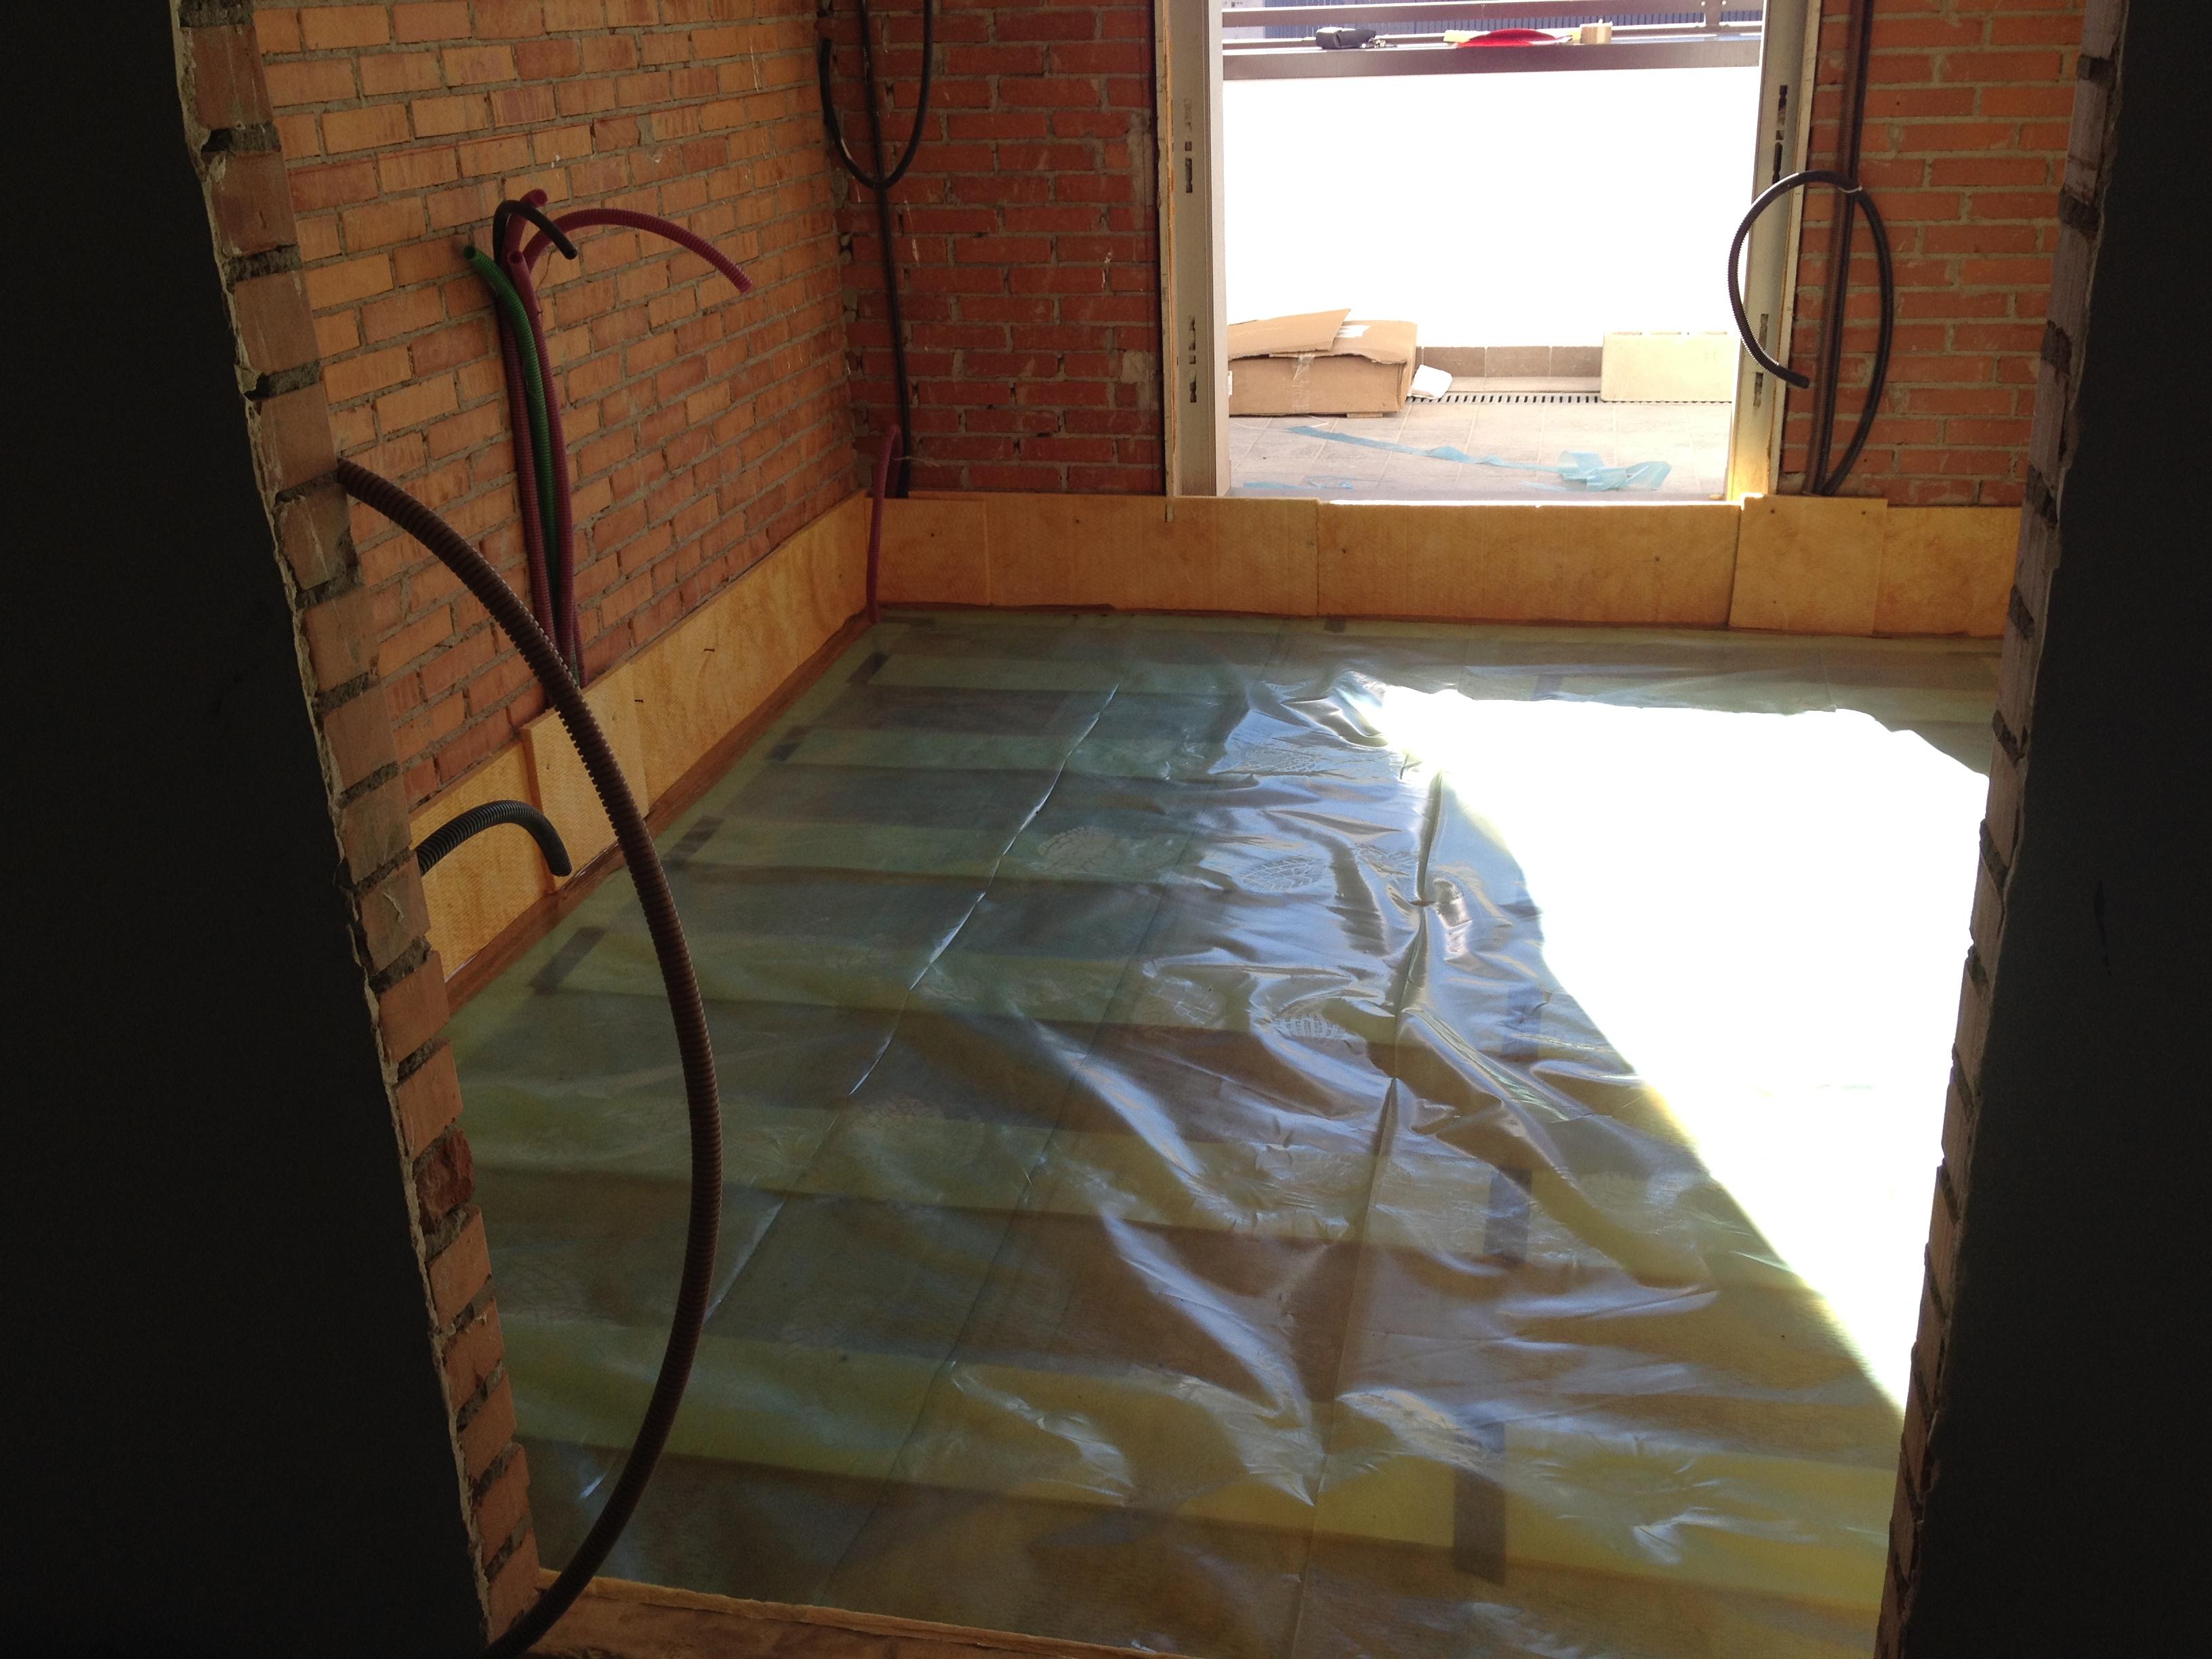 Insonorizzazione casa terminali antivento per stufe a pellet - Insonorizzare casa ...